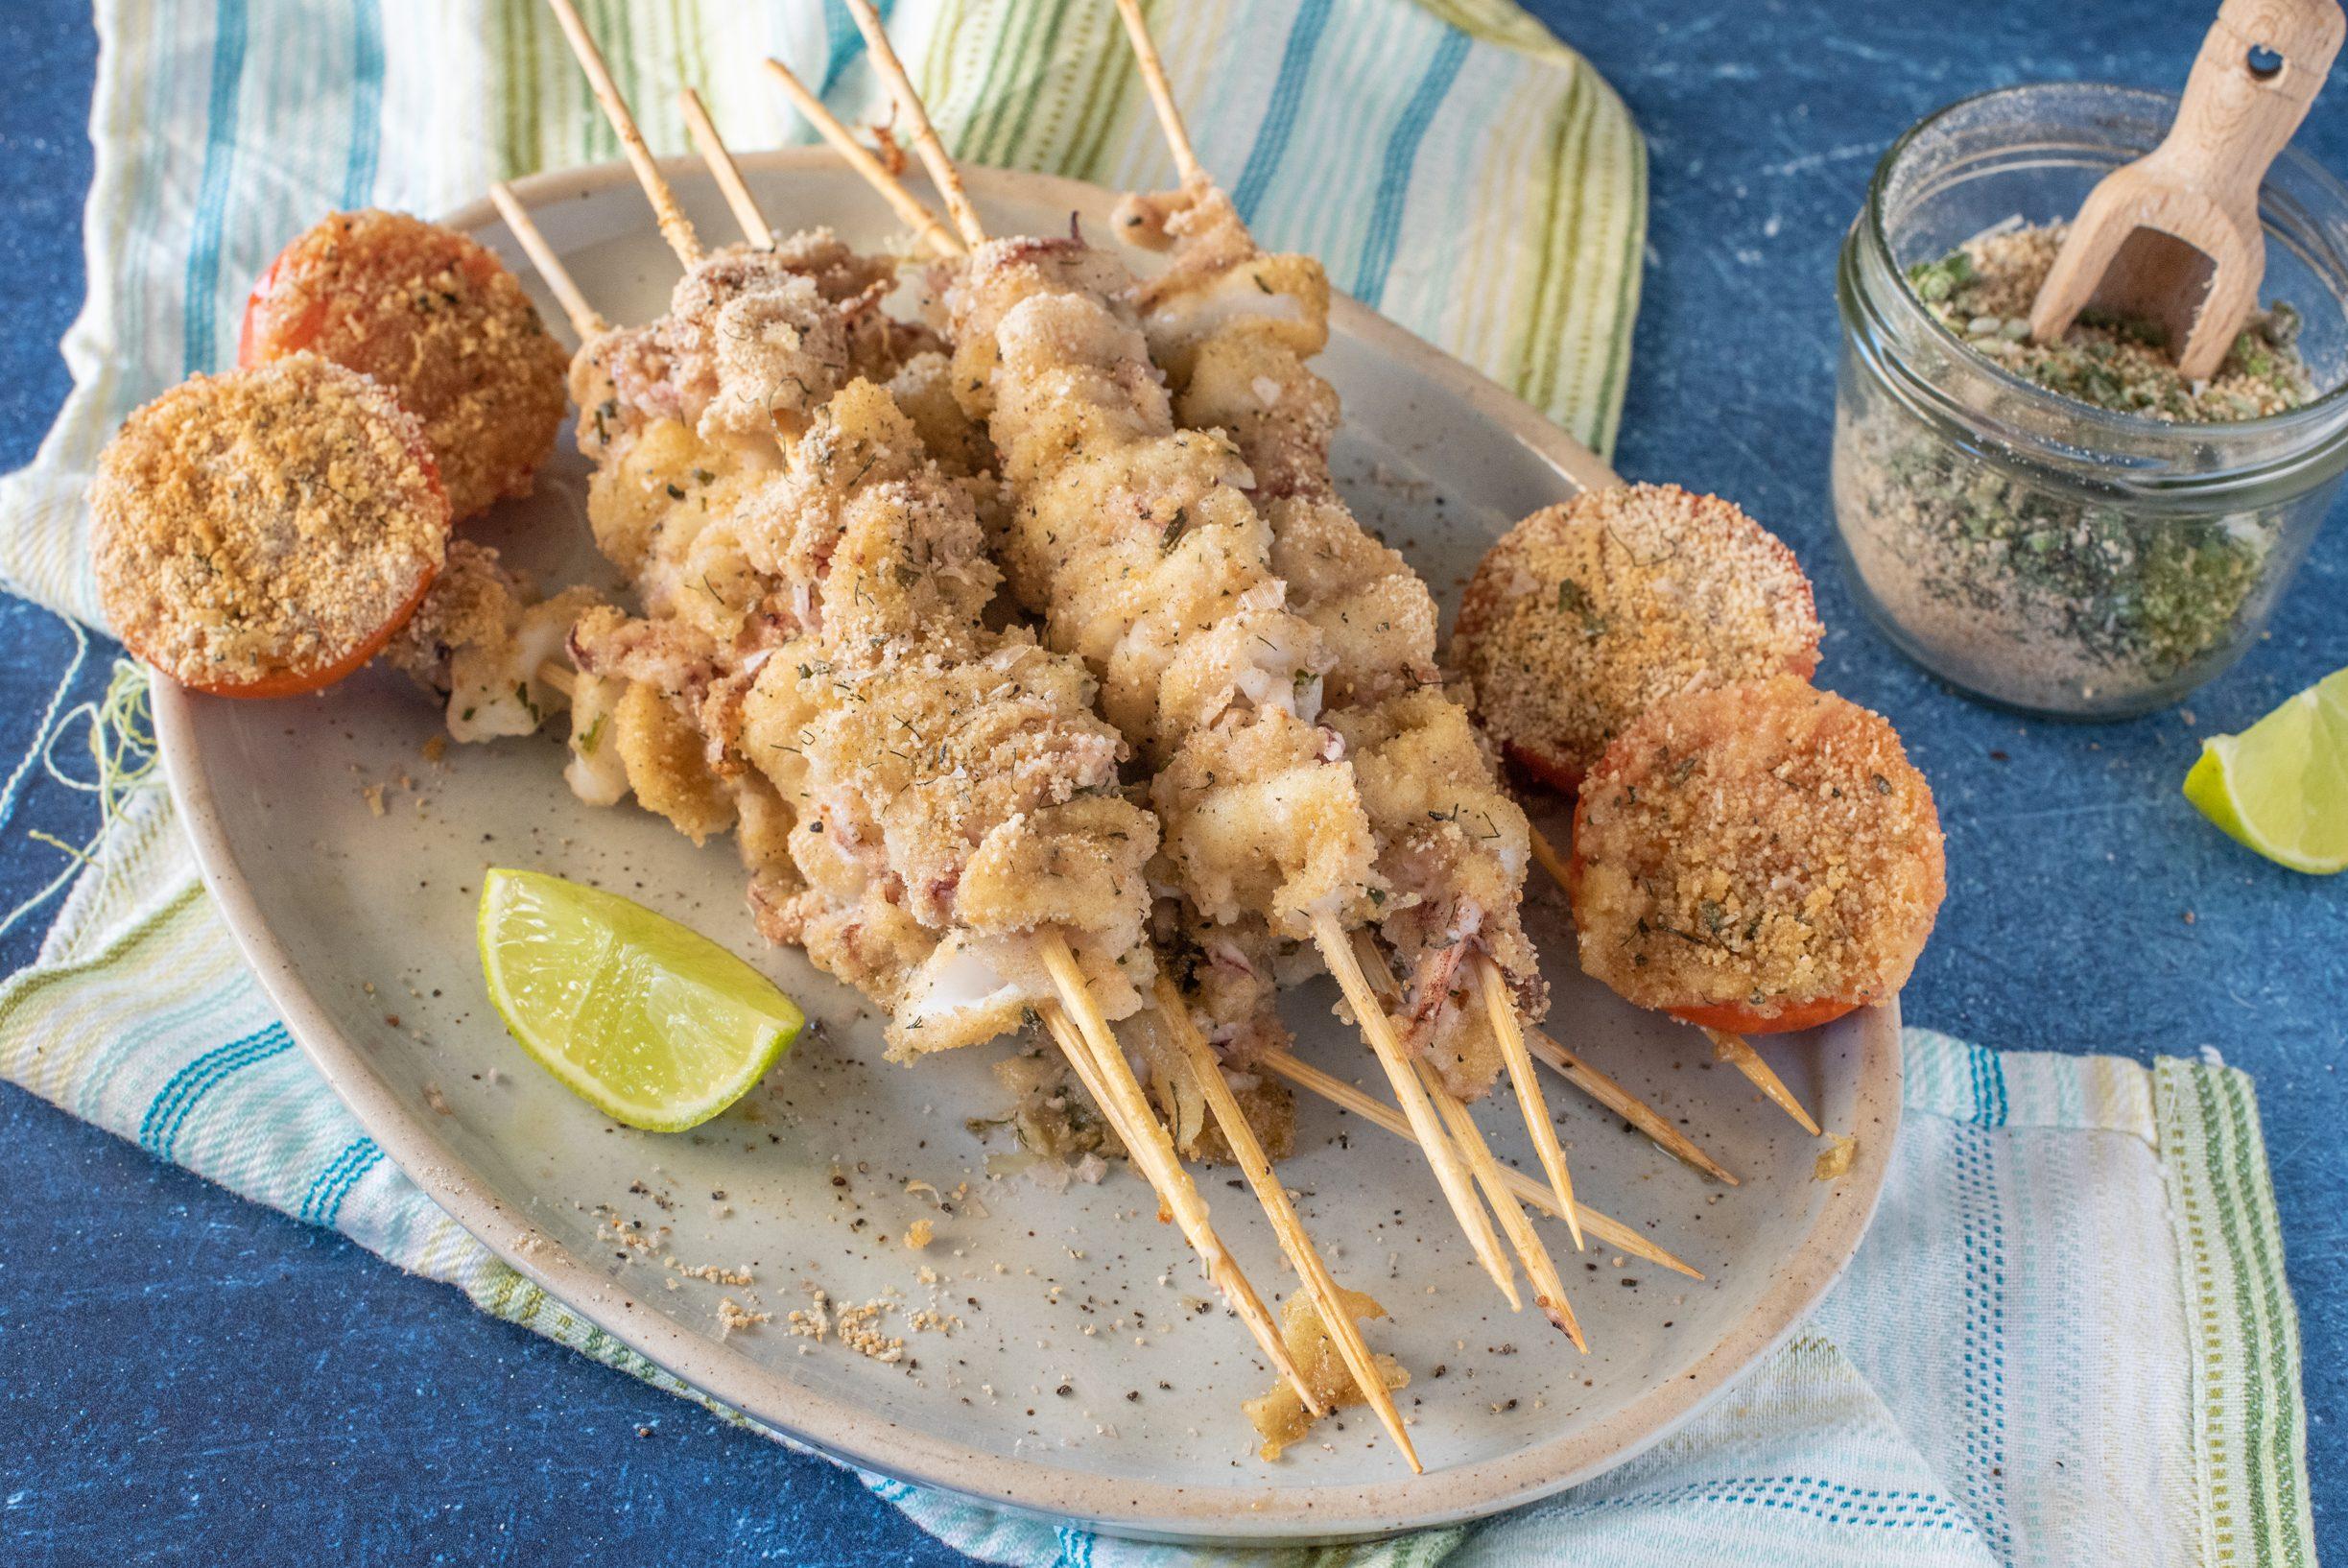 Spiedini di calamari: la ricetta del piatto veloce e dalla panatura ricca e fragrante